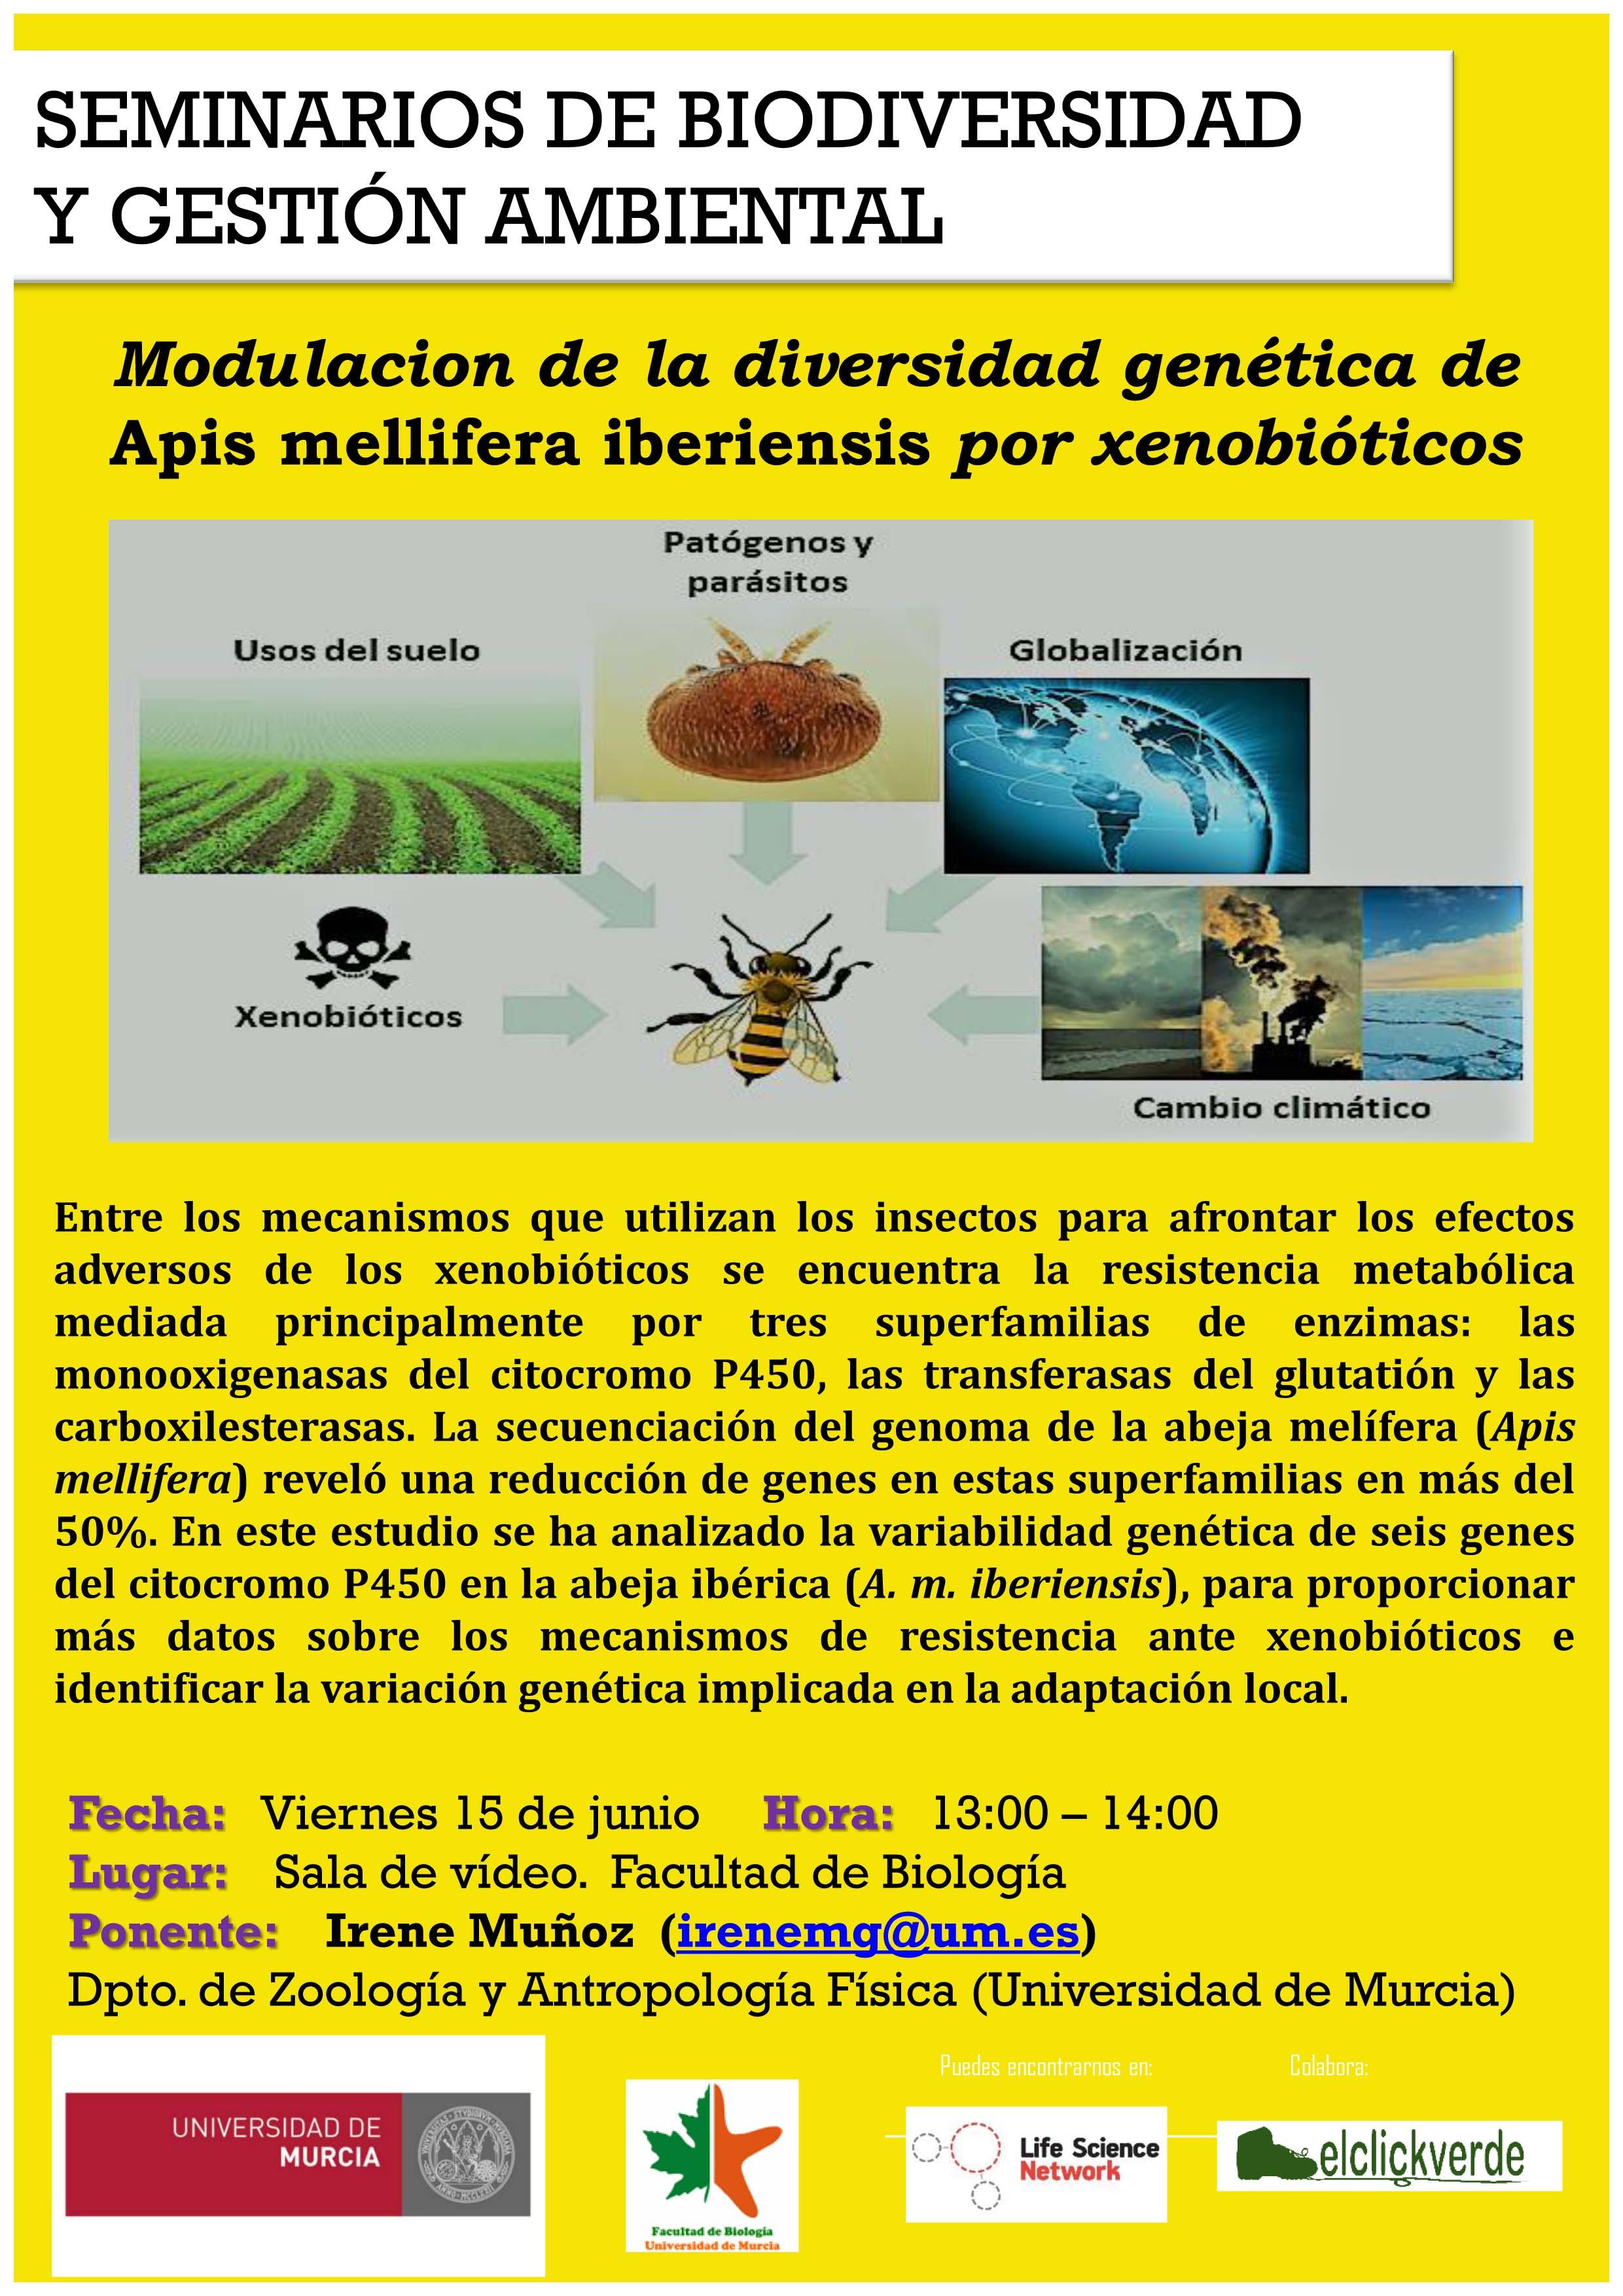 Charla sobre abejas, diversidad genética y resistencia, con la UMU